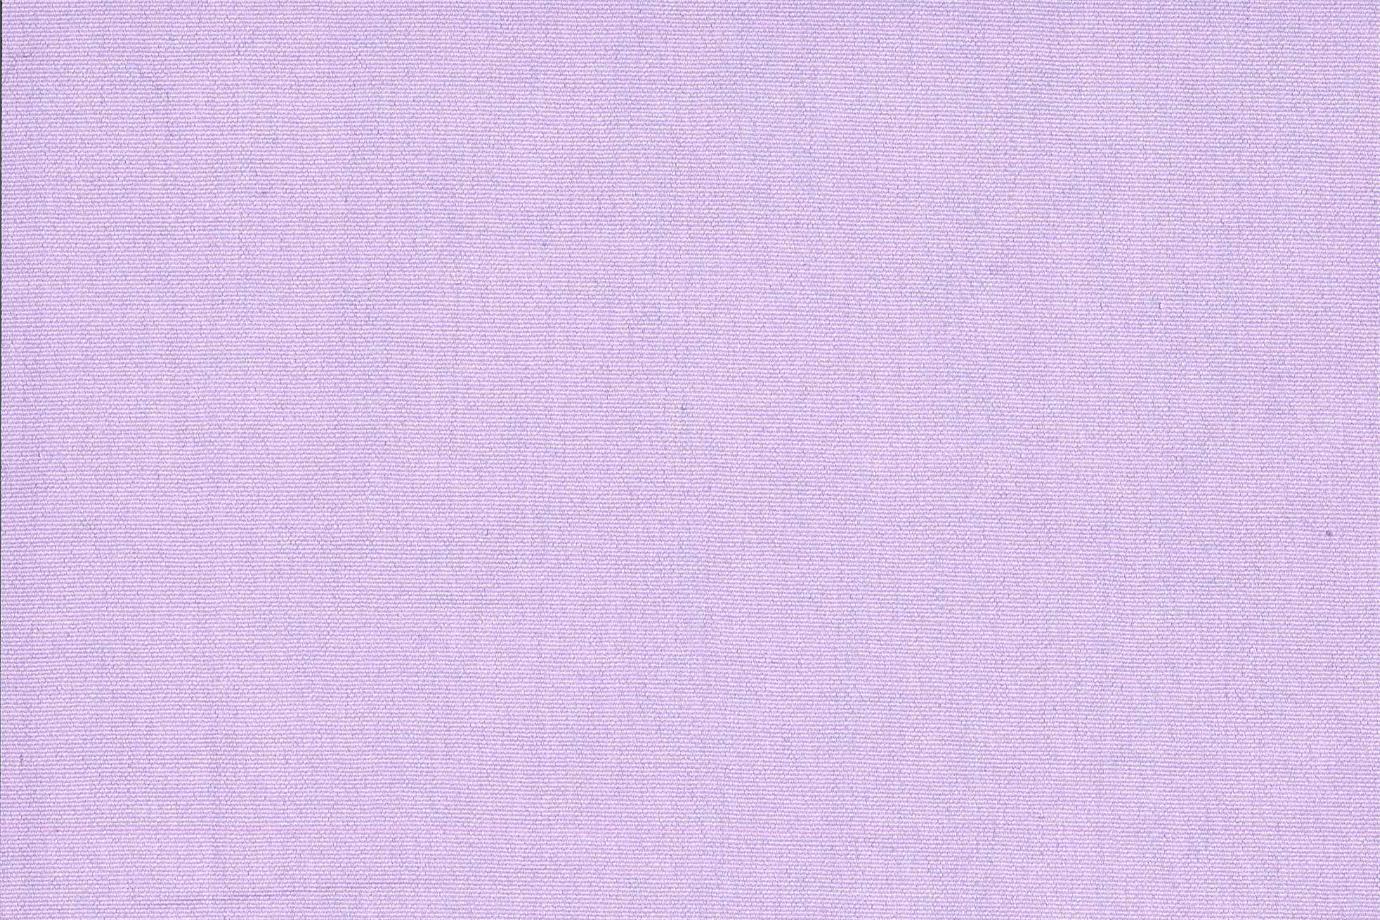 J1843 poggioreale 025 glicine brochier for Tende lilla glicine